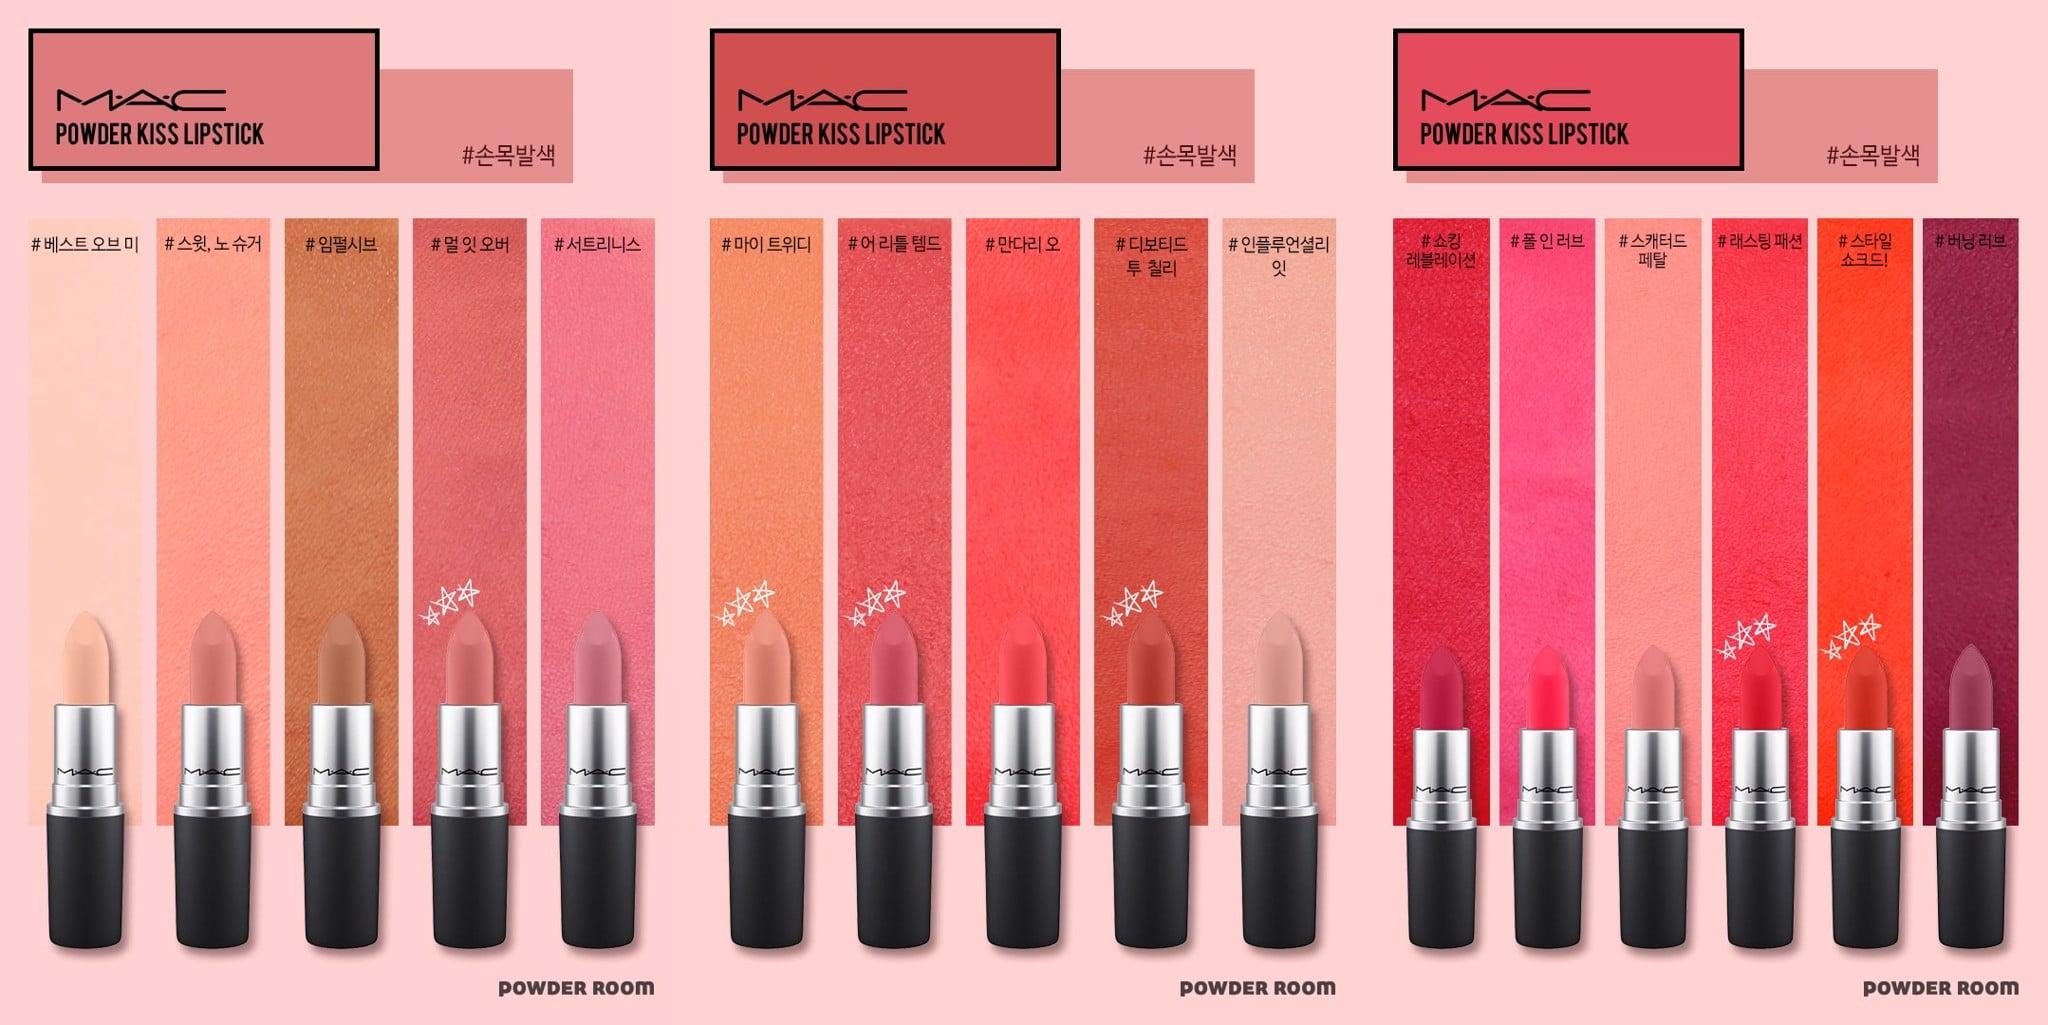 Son môi MAC Powder Kiss Lipstick